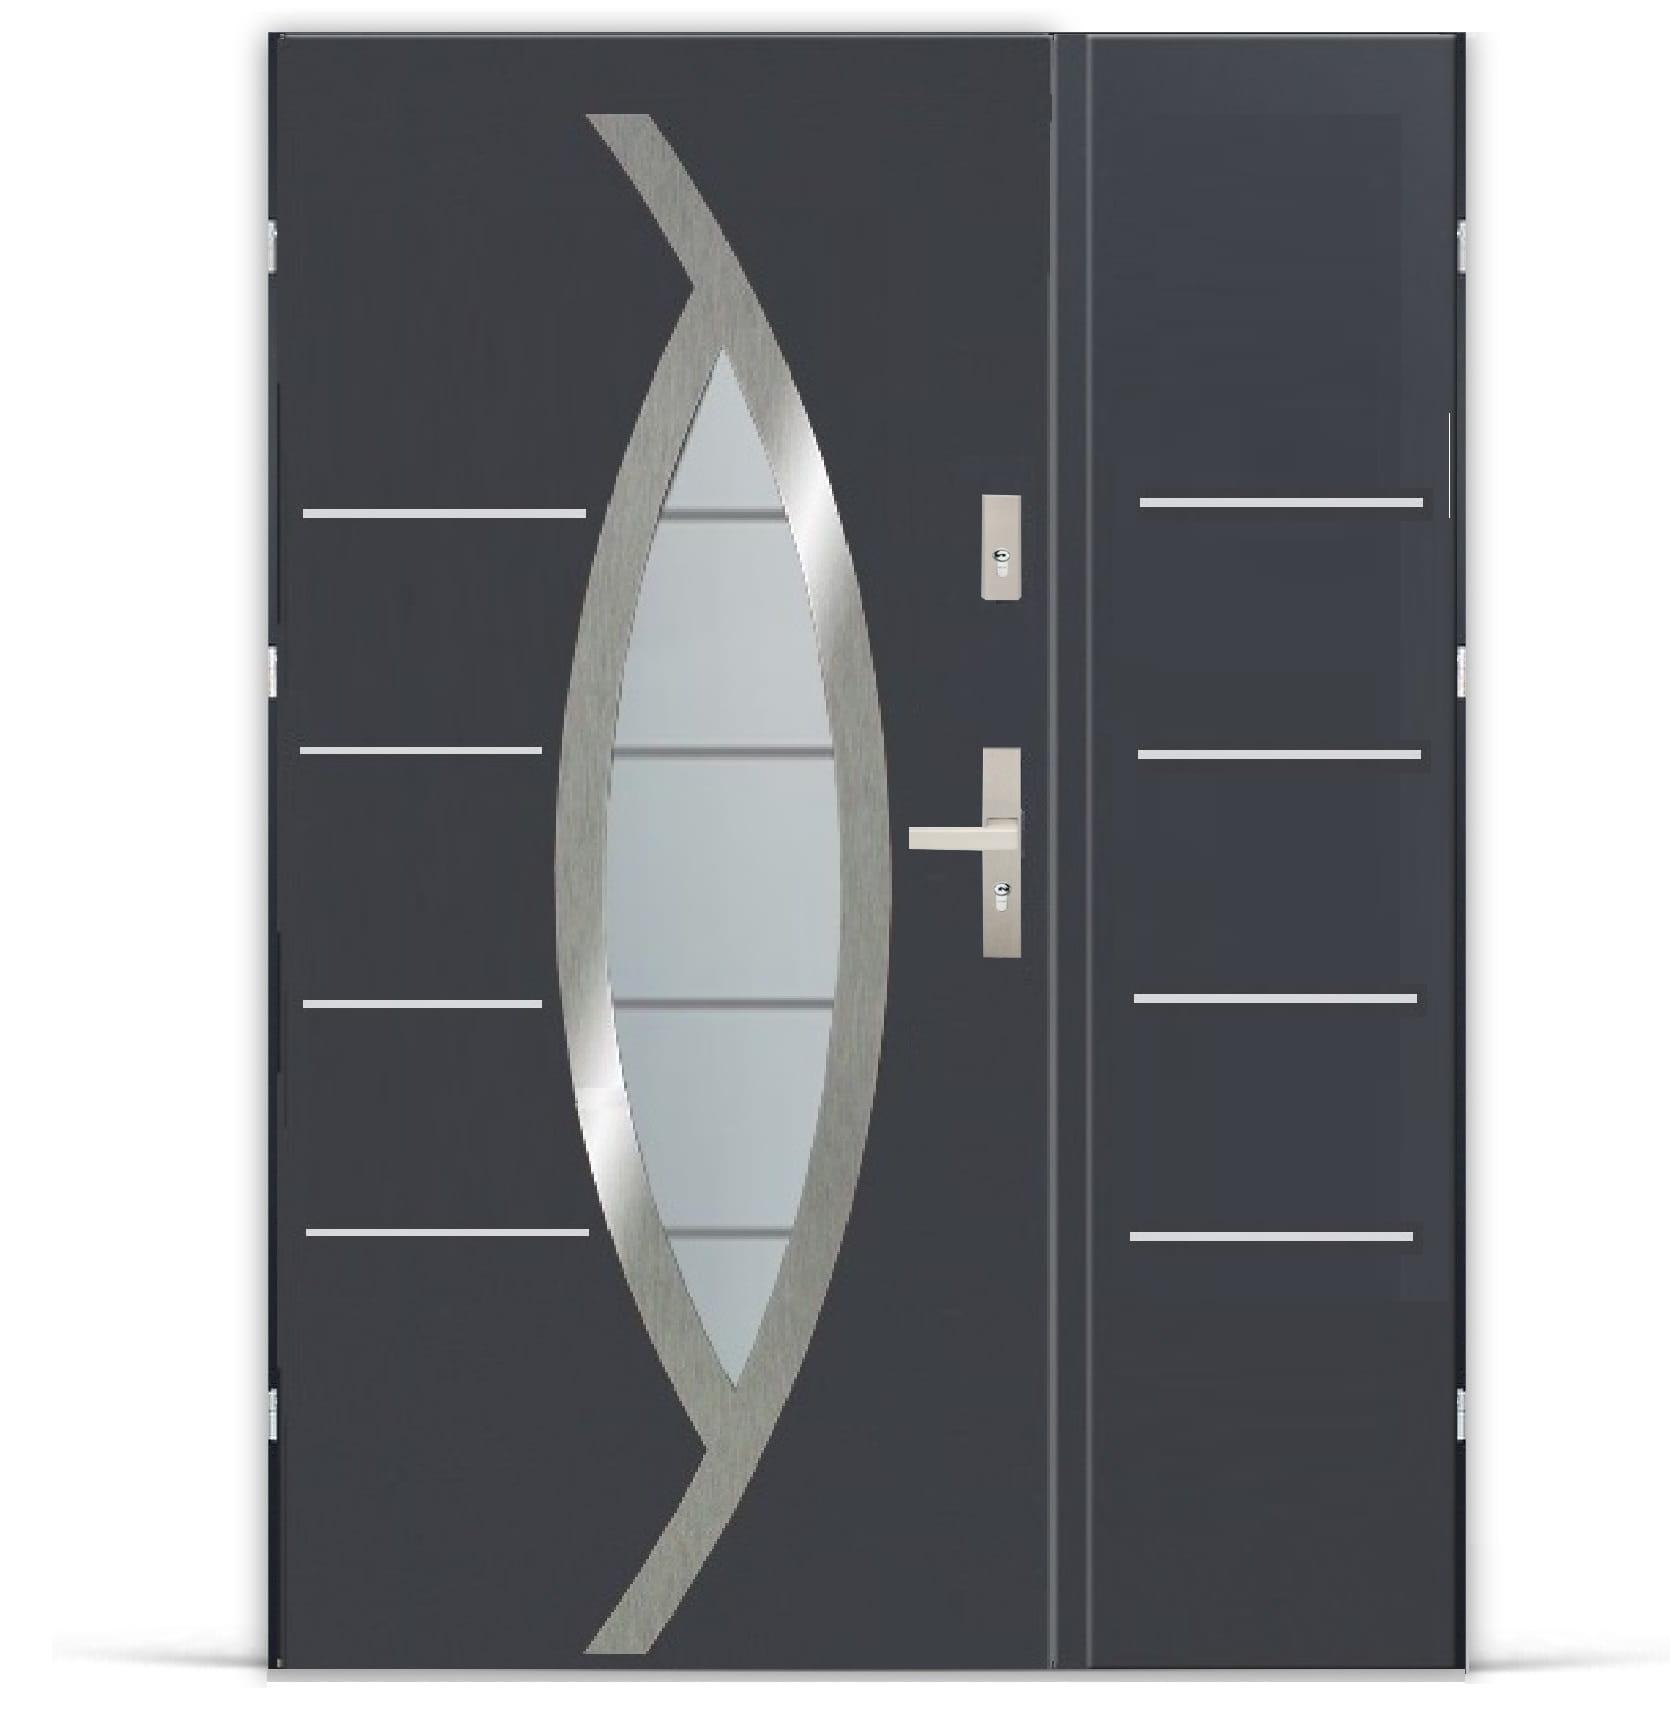 Niewiarygodnie Drzwi zewnętrzne dwuskrzydłowe HAMMER DUO TEL: 500 195 956 SB05